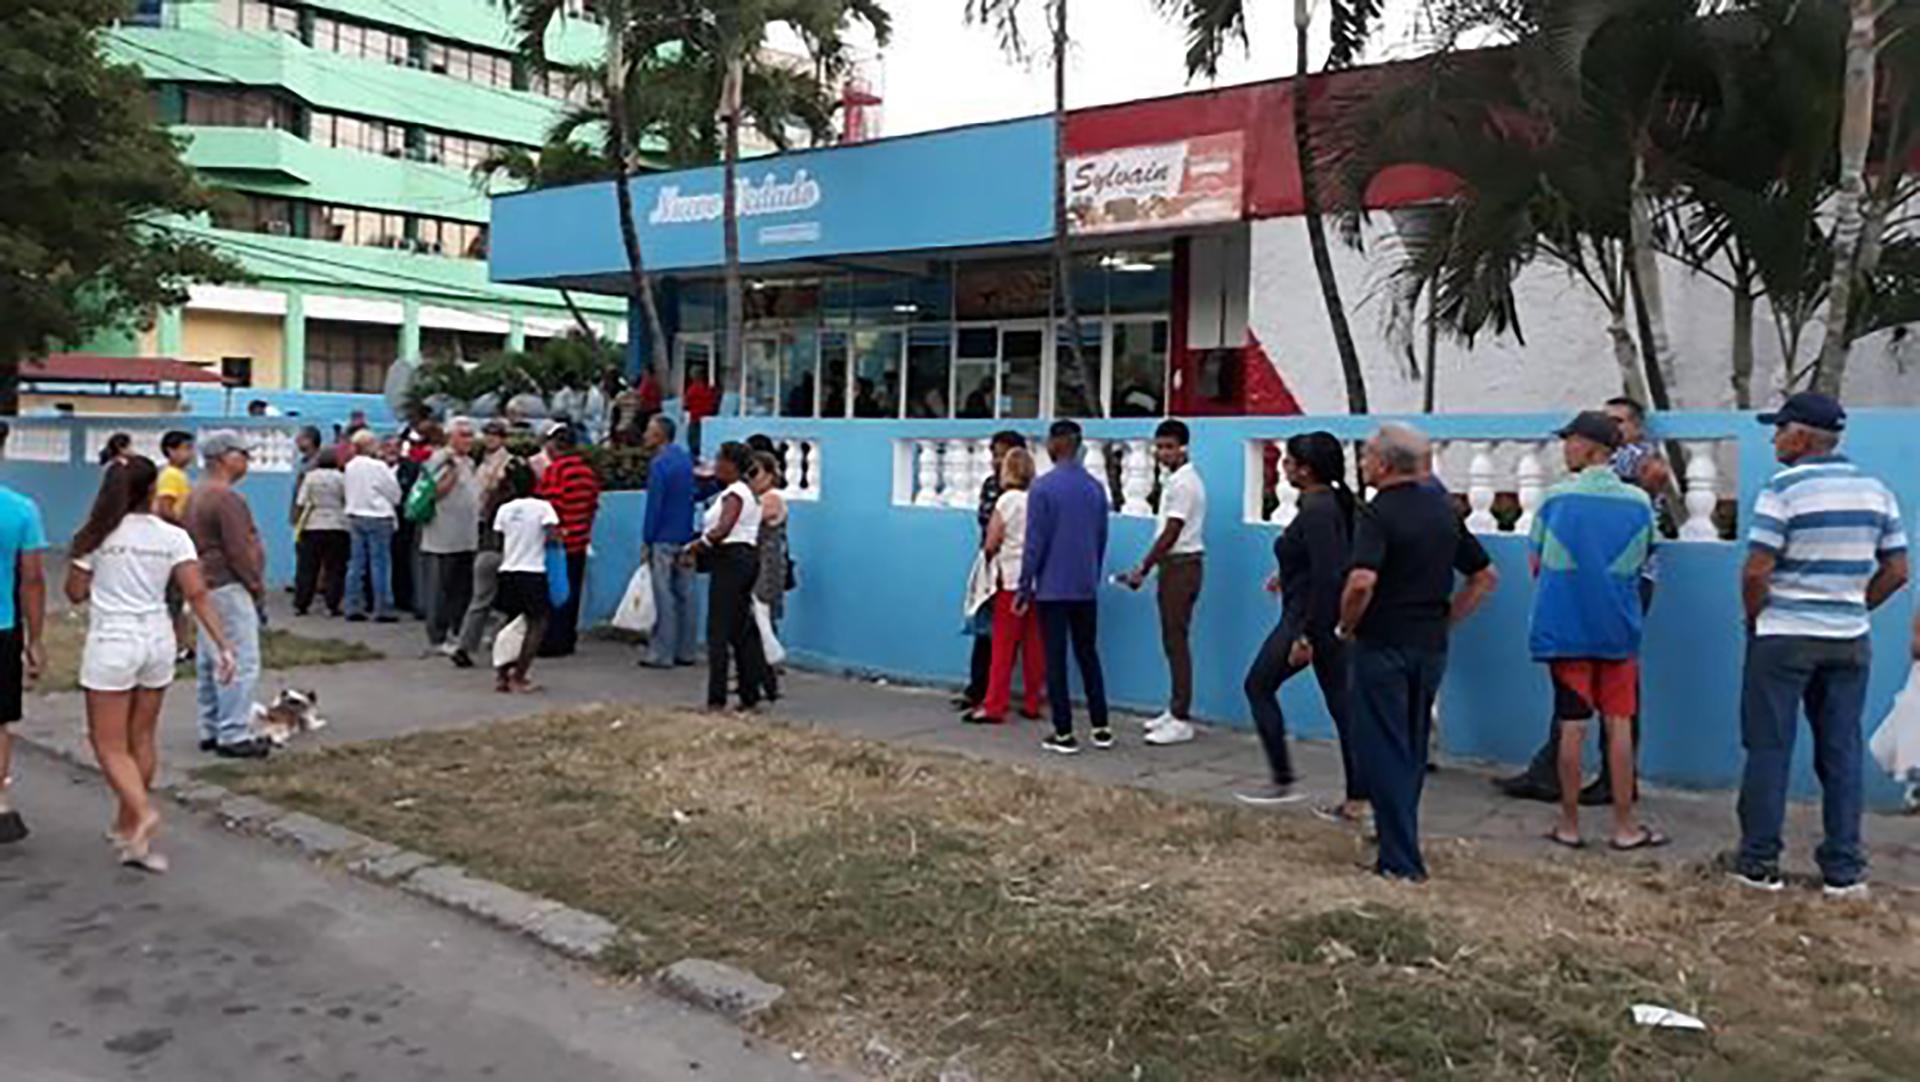 Largas colas, escasez y peleas para conseguir comida: la dura realidad que  se vive en las calles de Cuba - Infobae